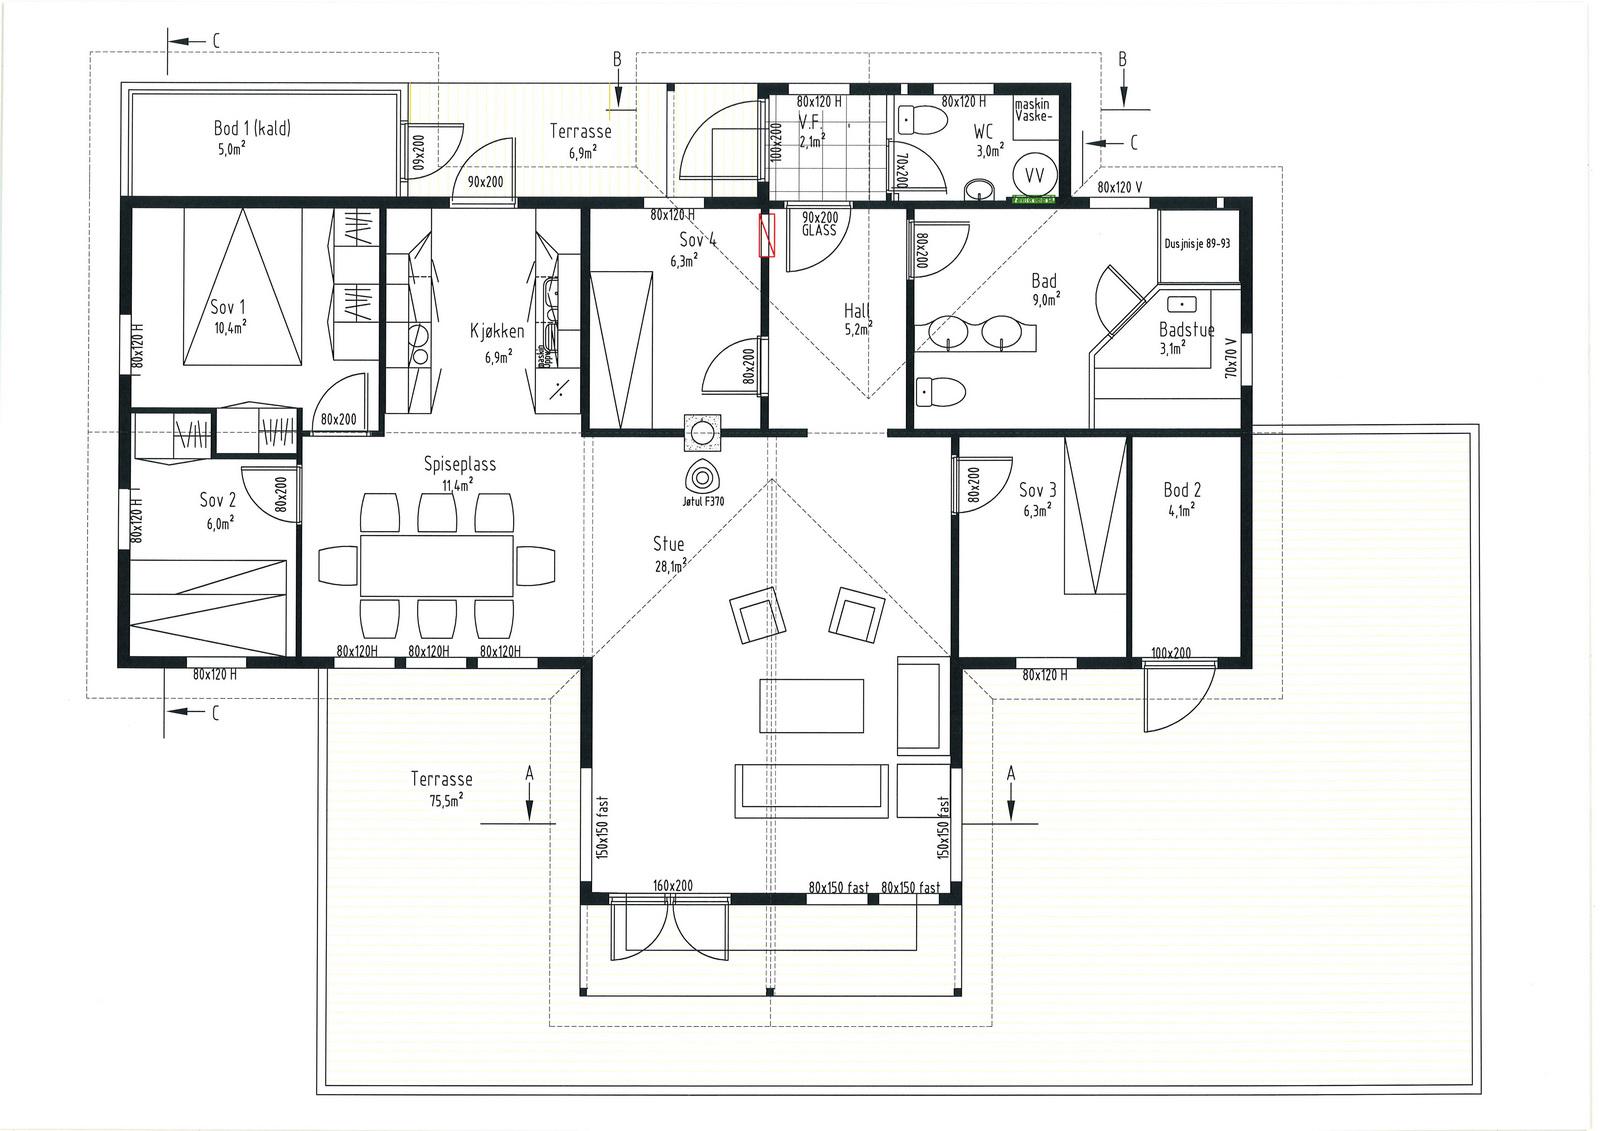 Tolle Innen Plan Für Haus Fotos - Images for inspirierende Ideen ...